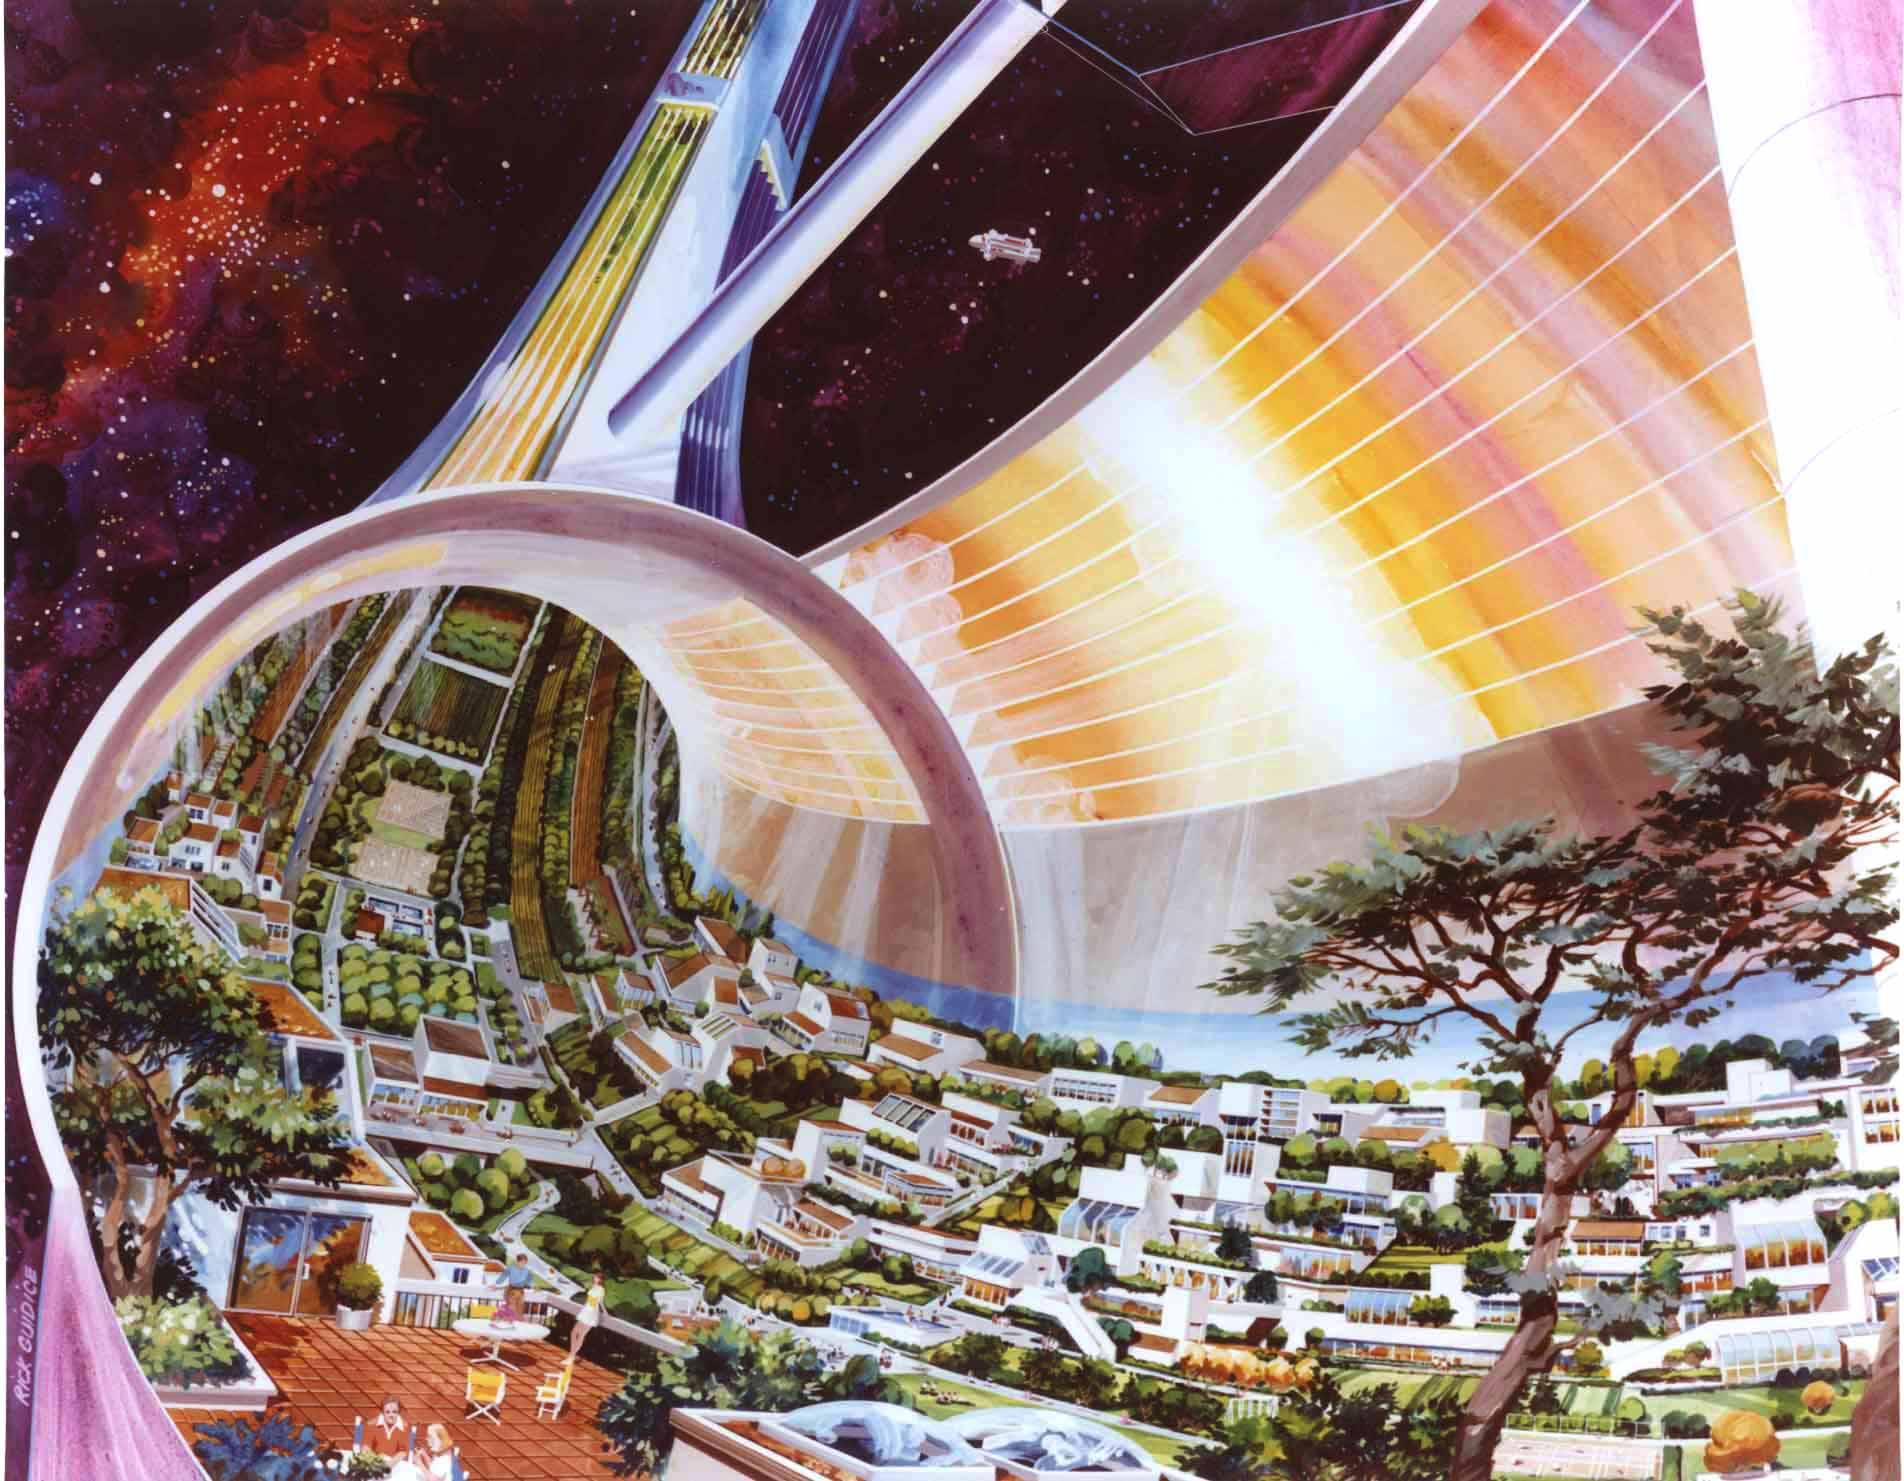 Retro Sci Fi Art Part4 10 Retro Futurism Images Stay In Wonderland